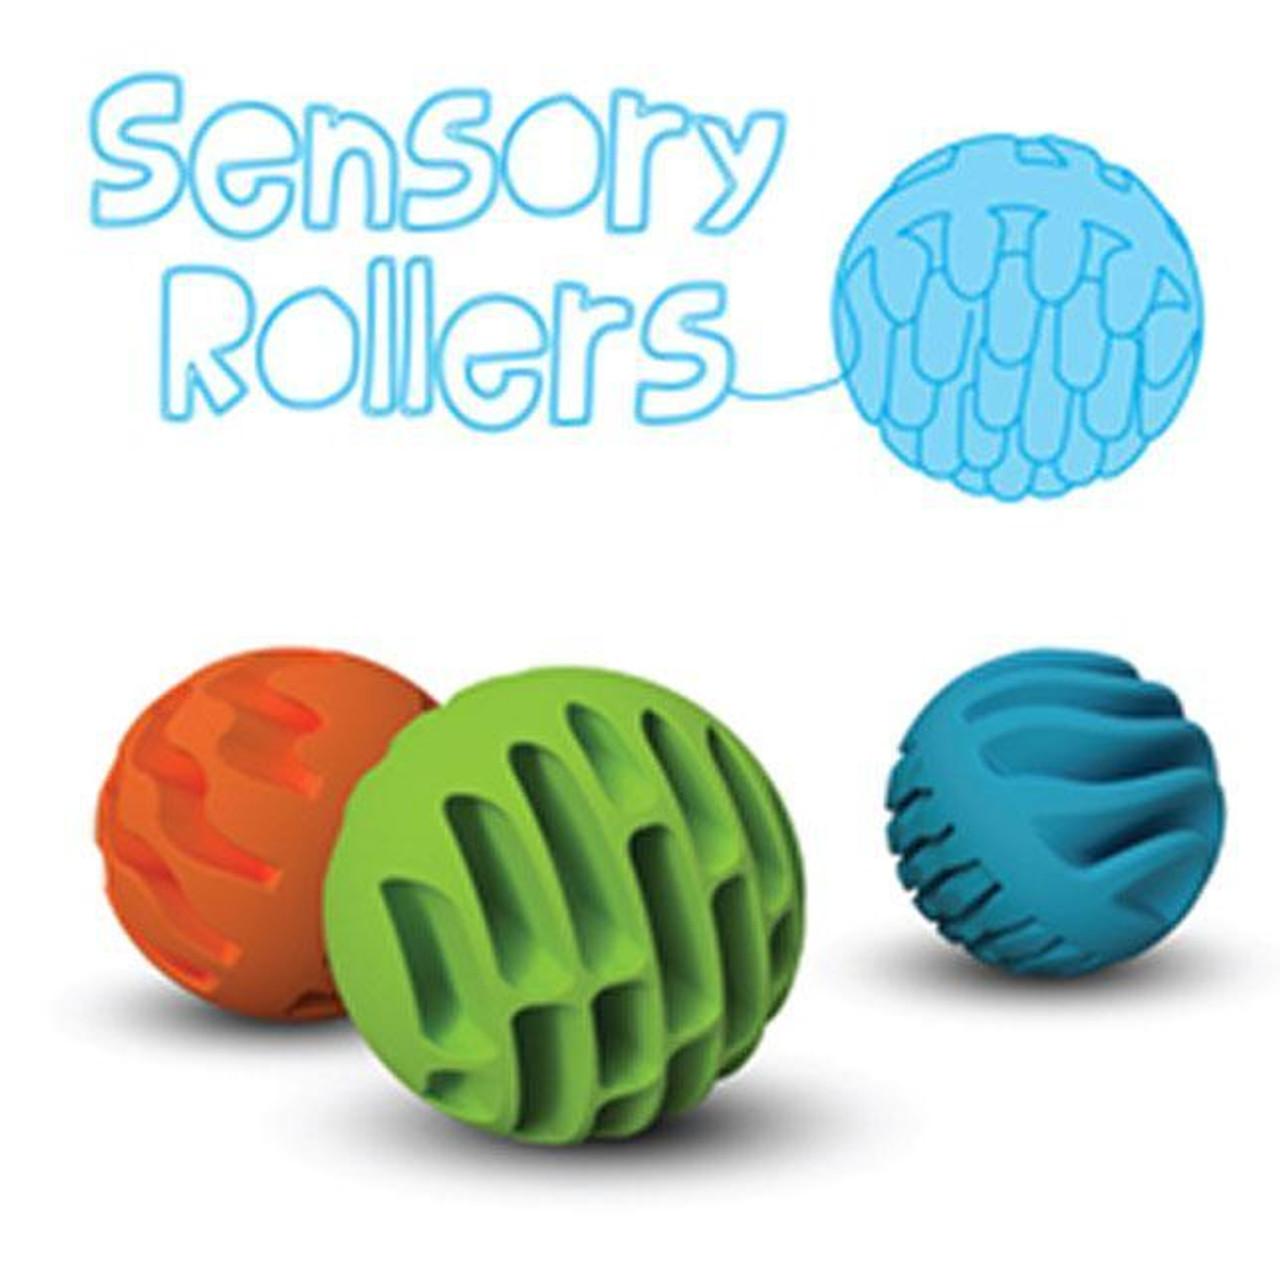 Sensory Rollers by Fat Brain